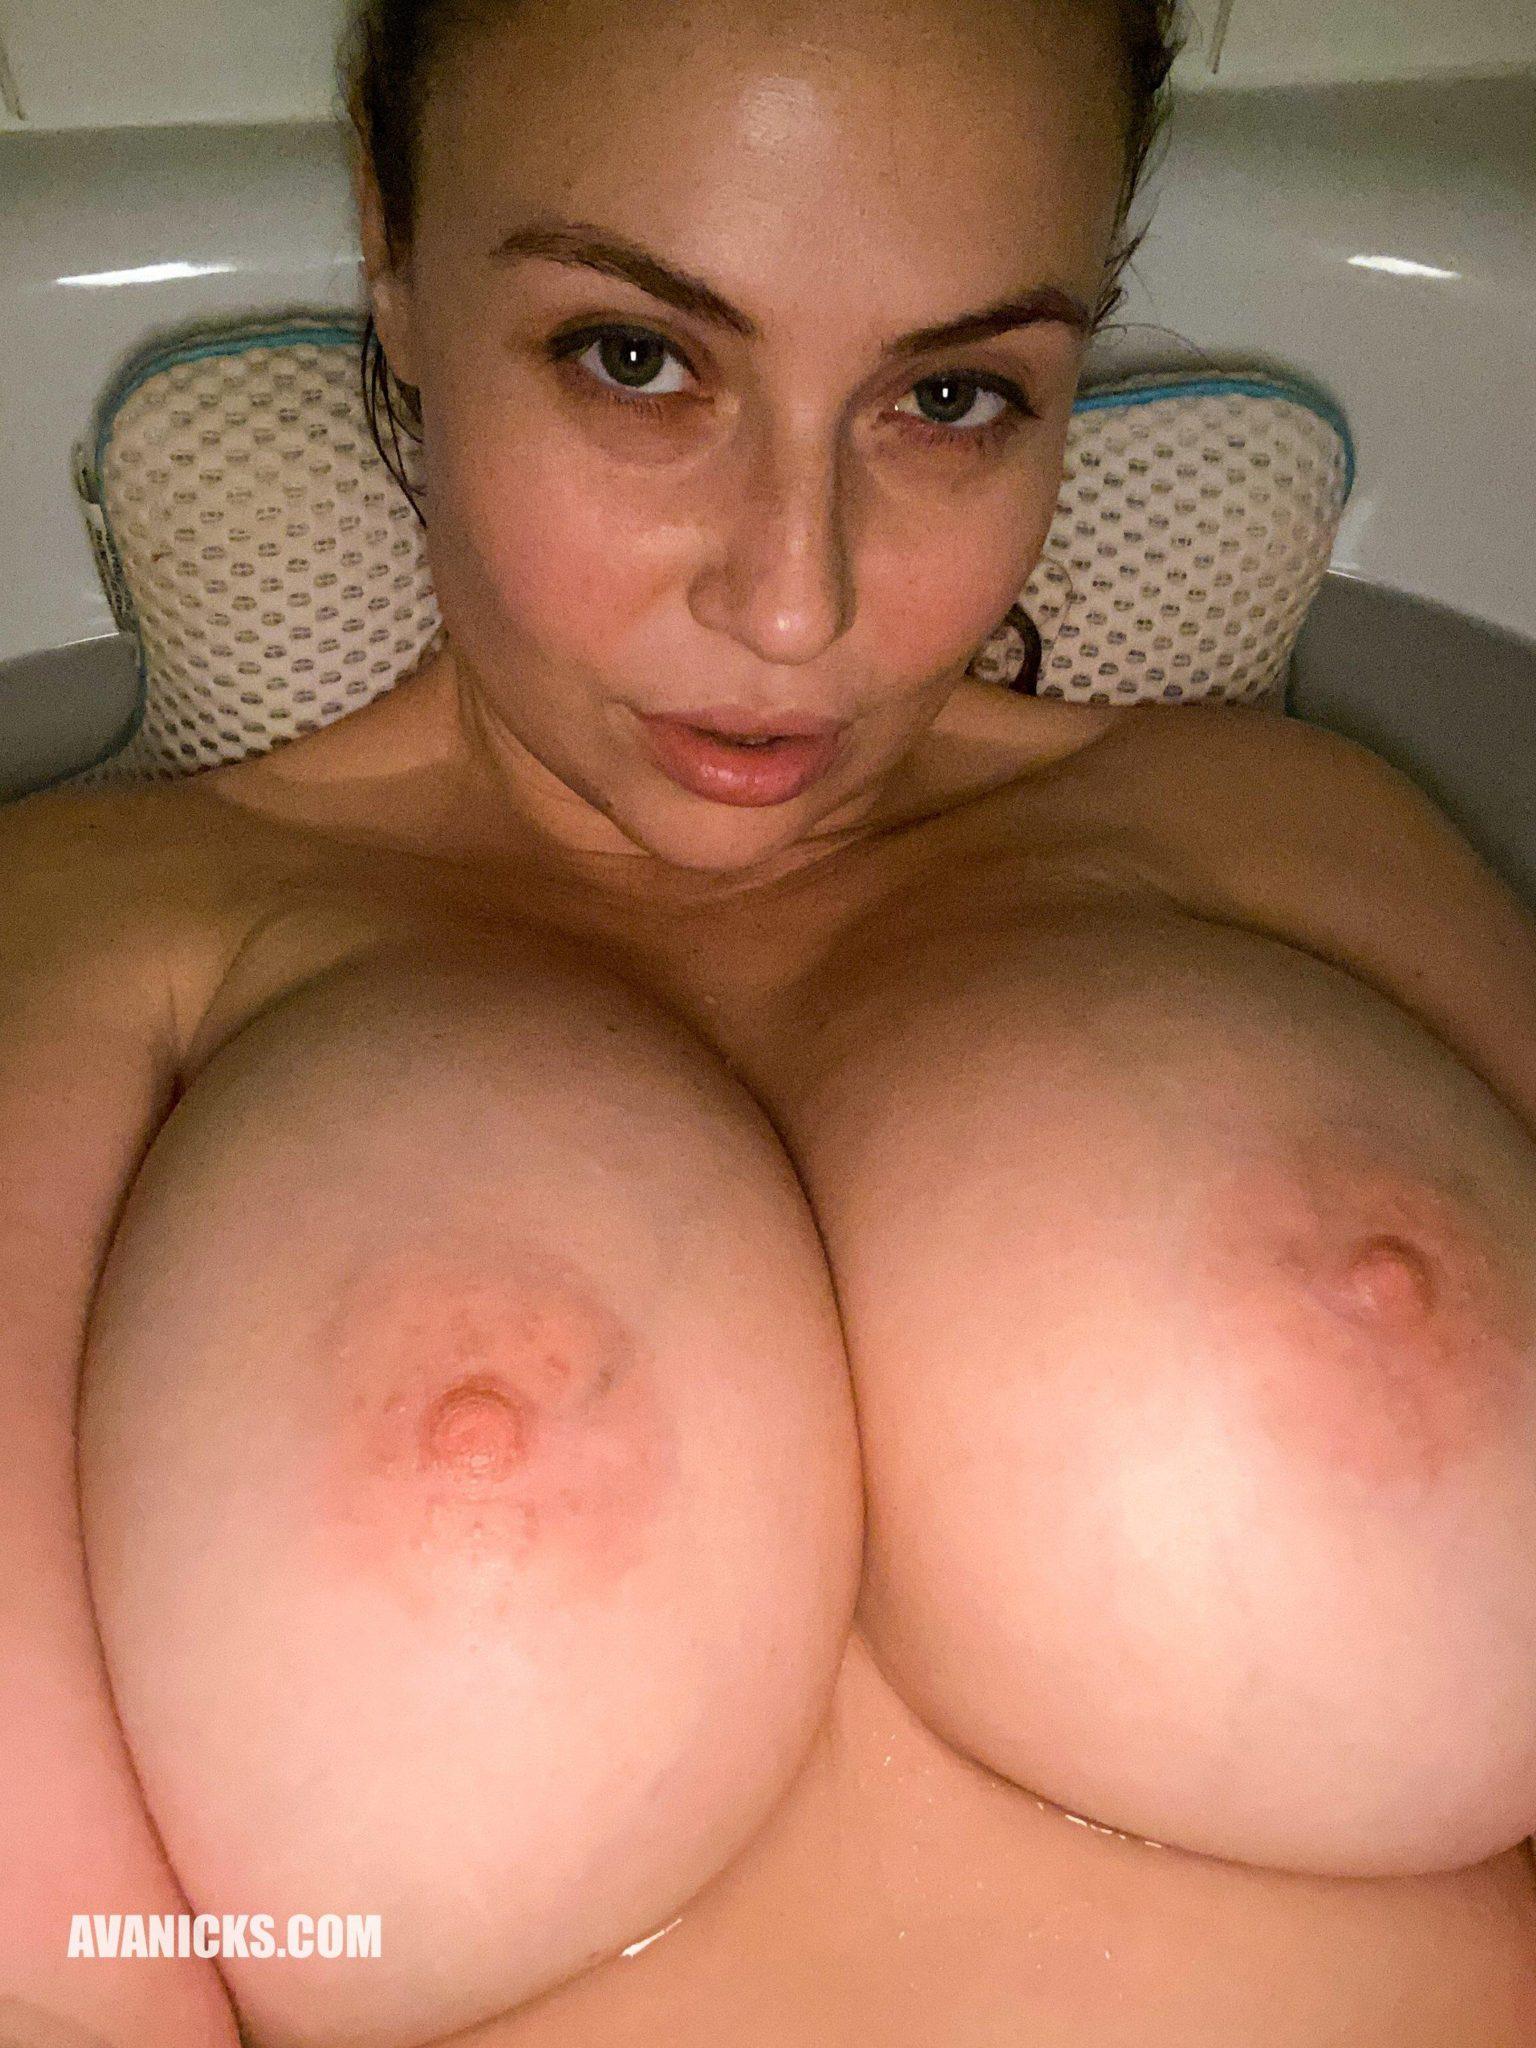 Селфи женщины с большими натуральными сиськами